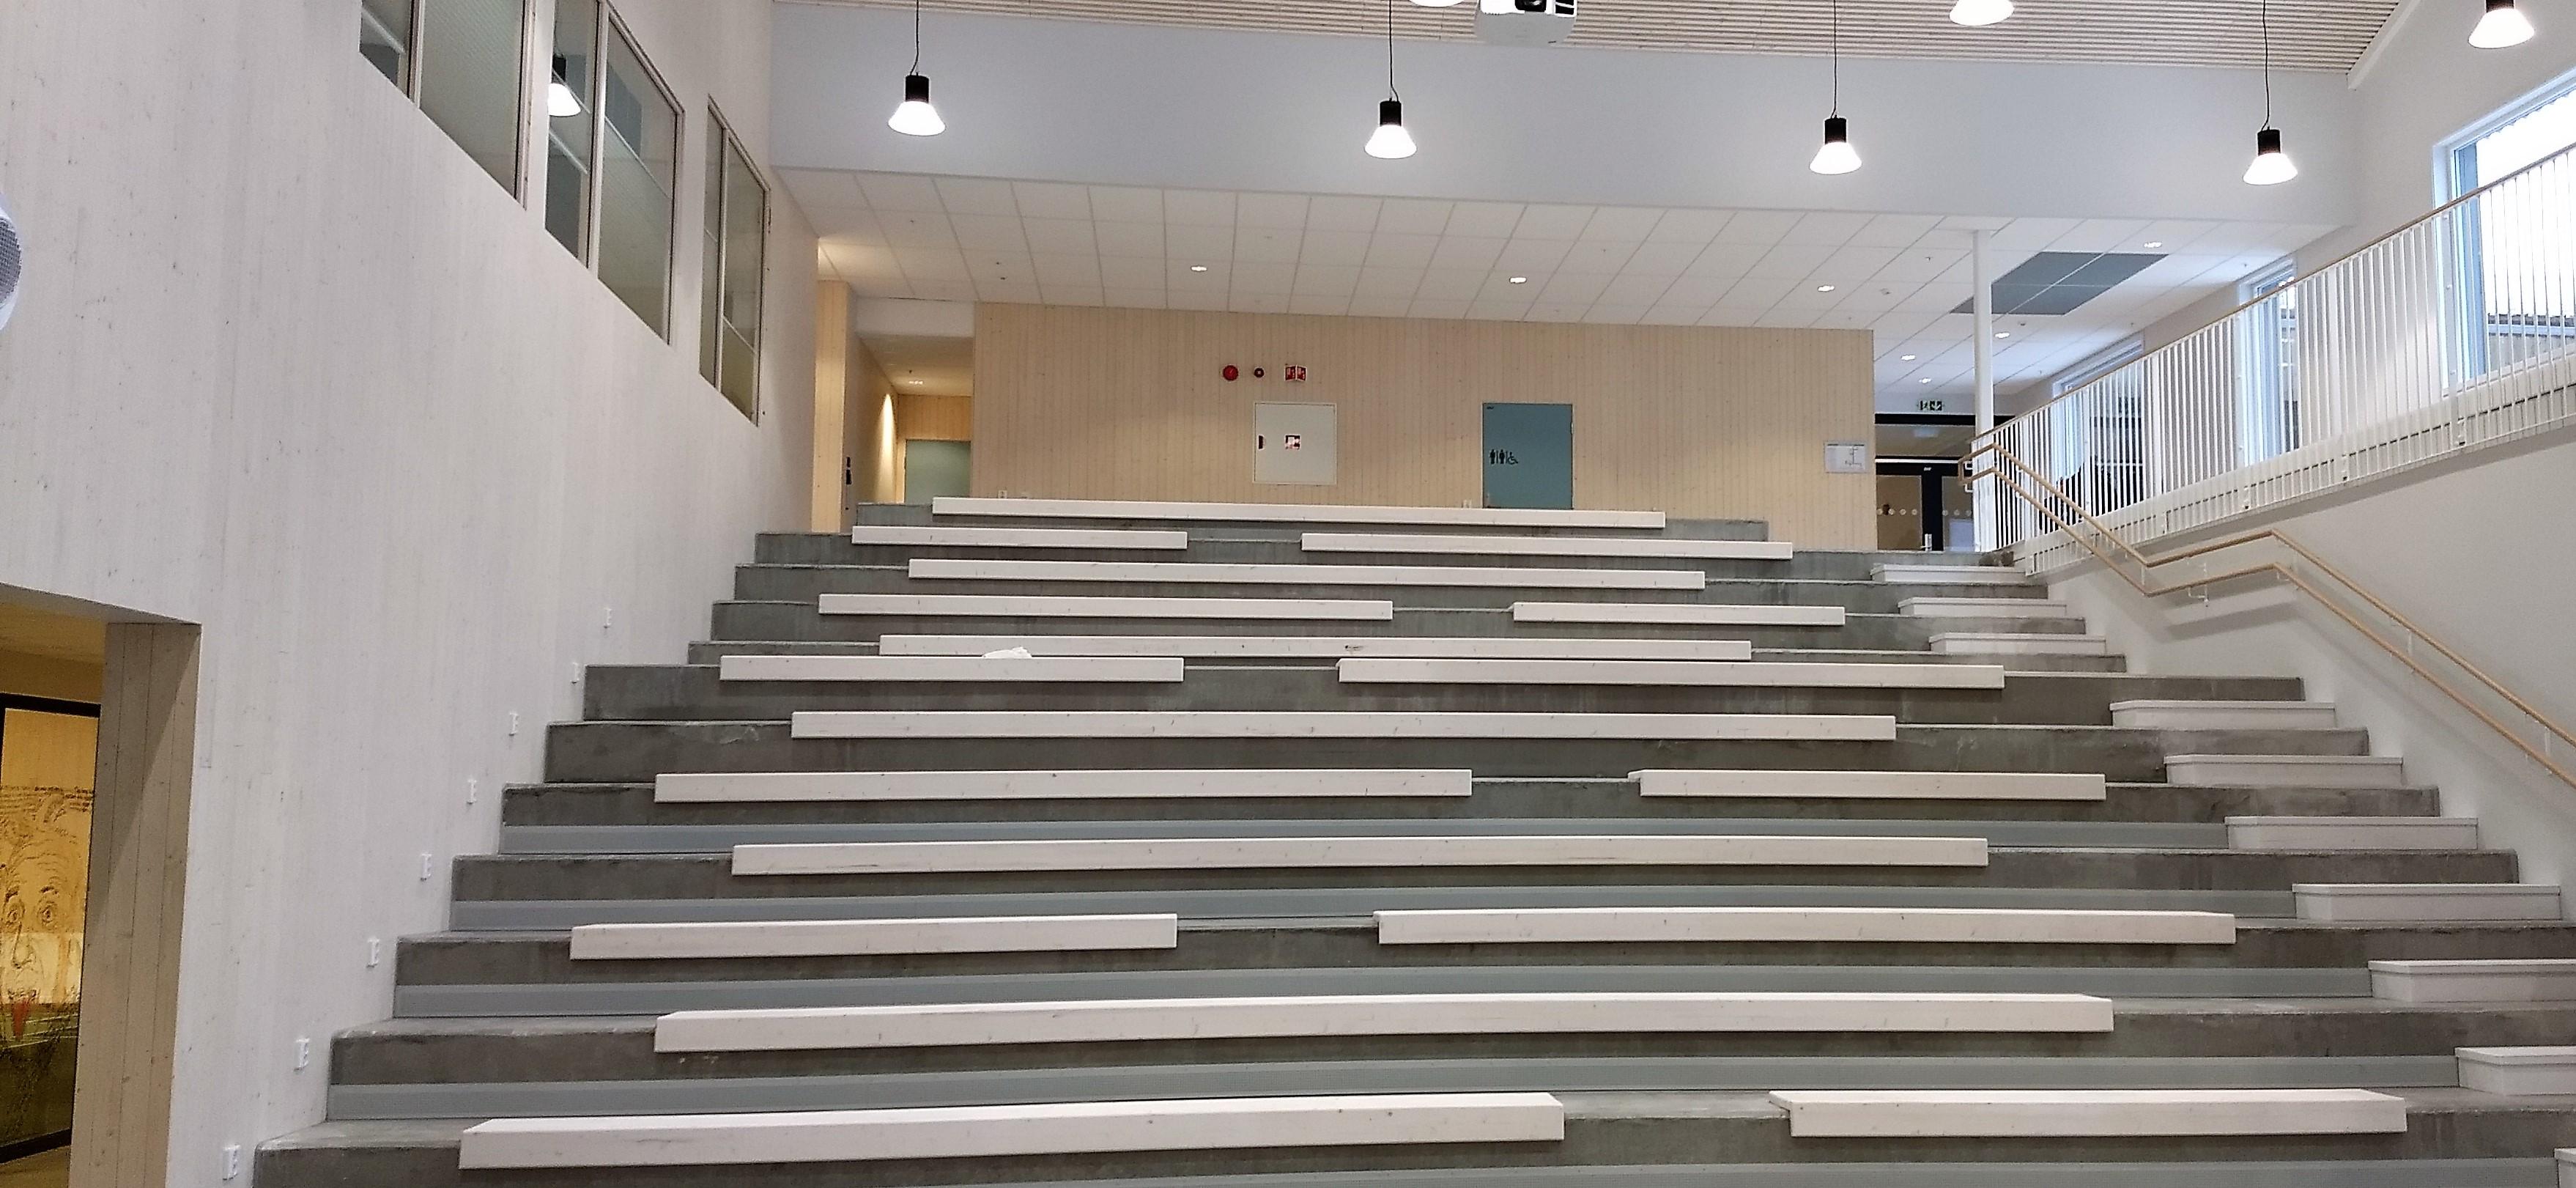 Bilde av Hommelvik ungdomsskole fra innsiden